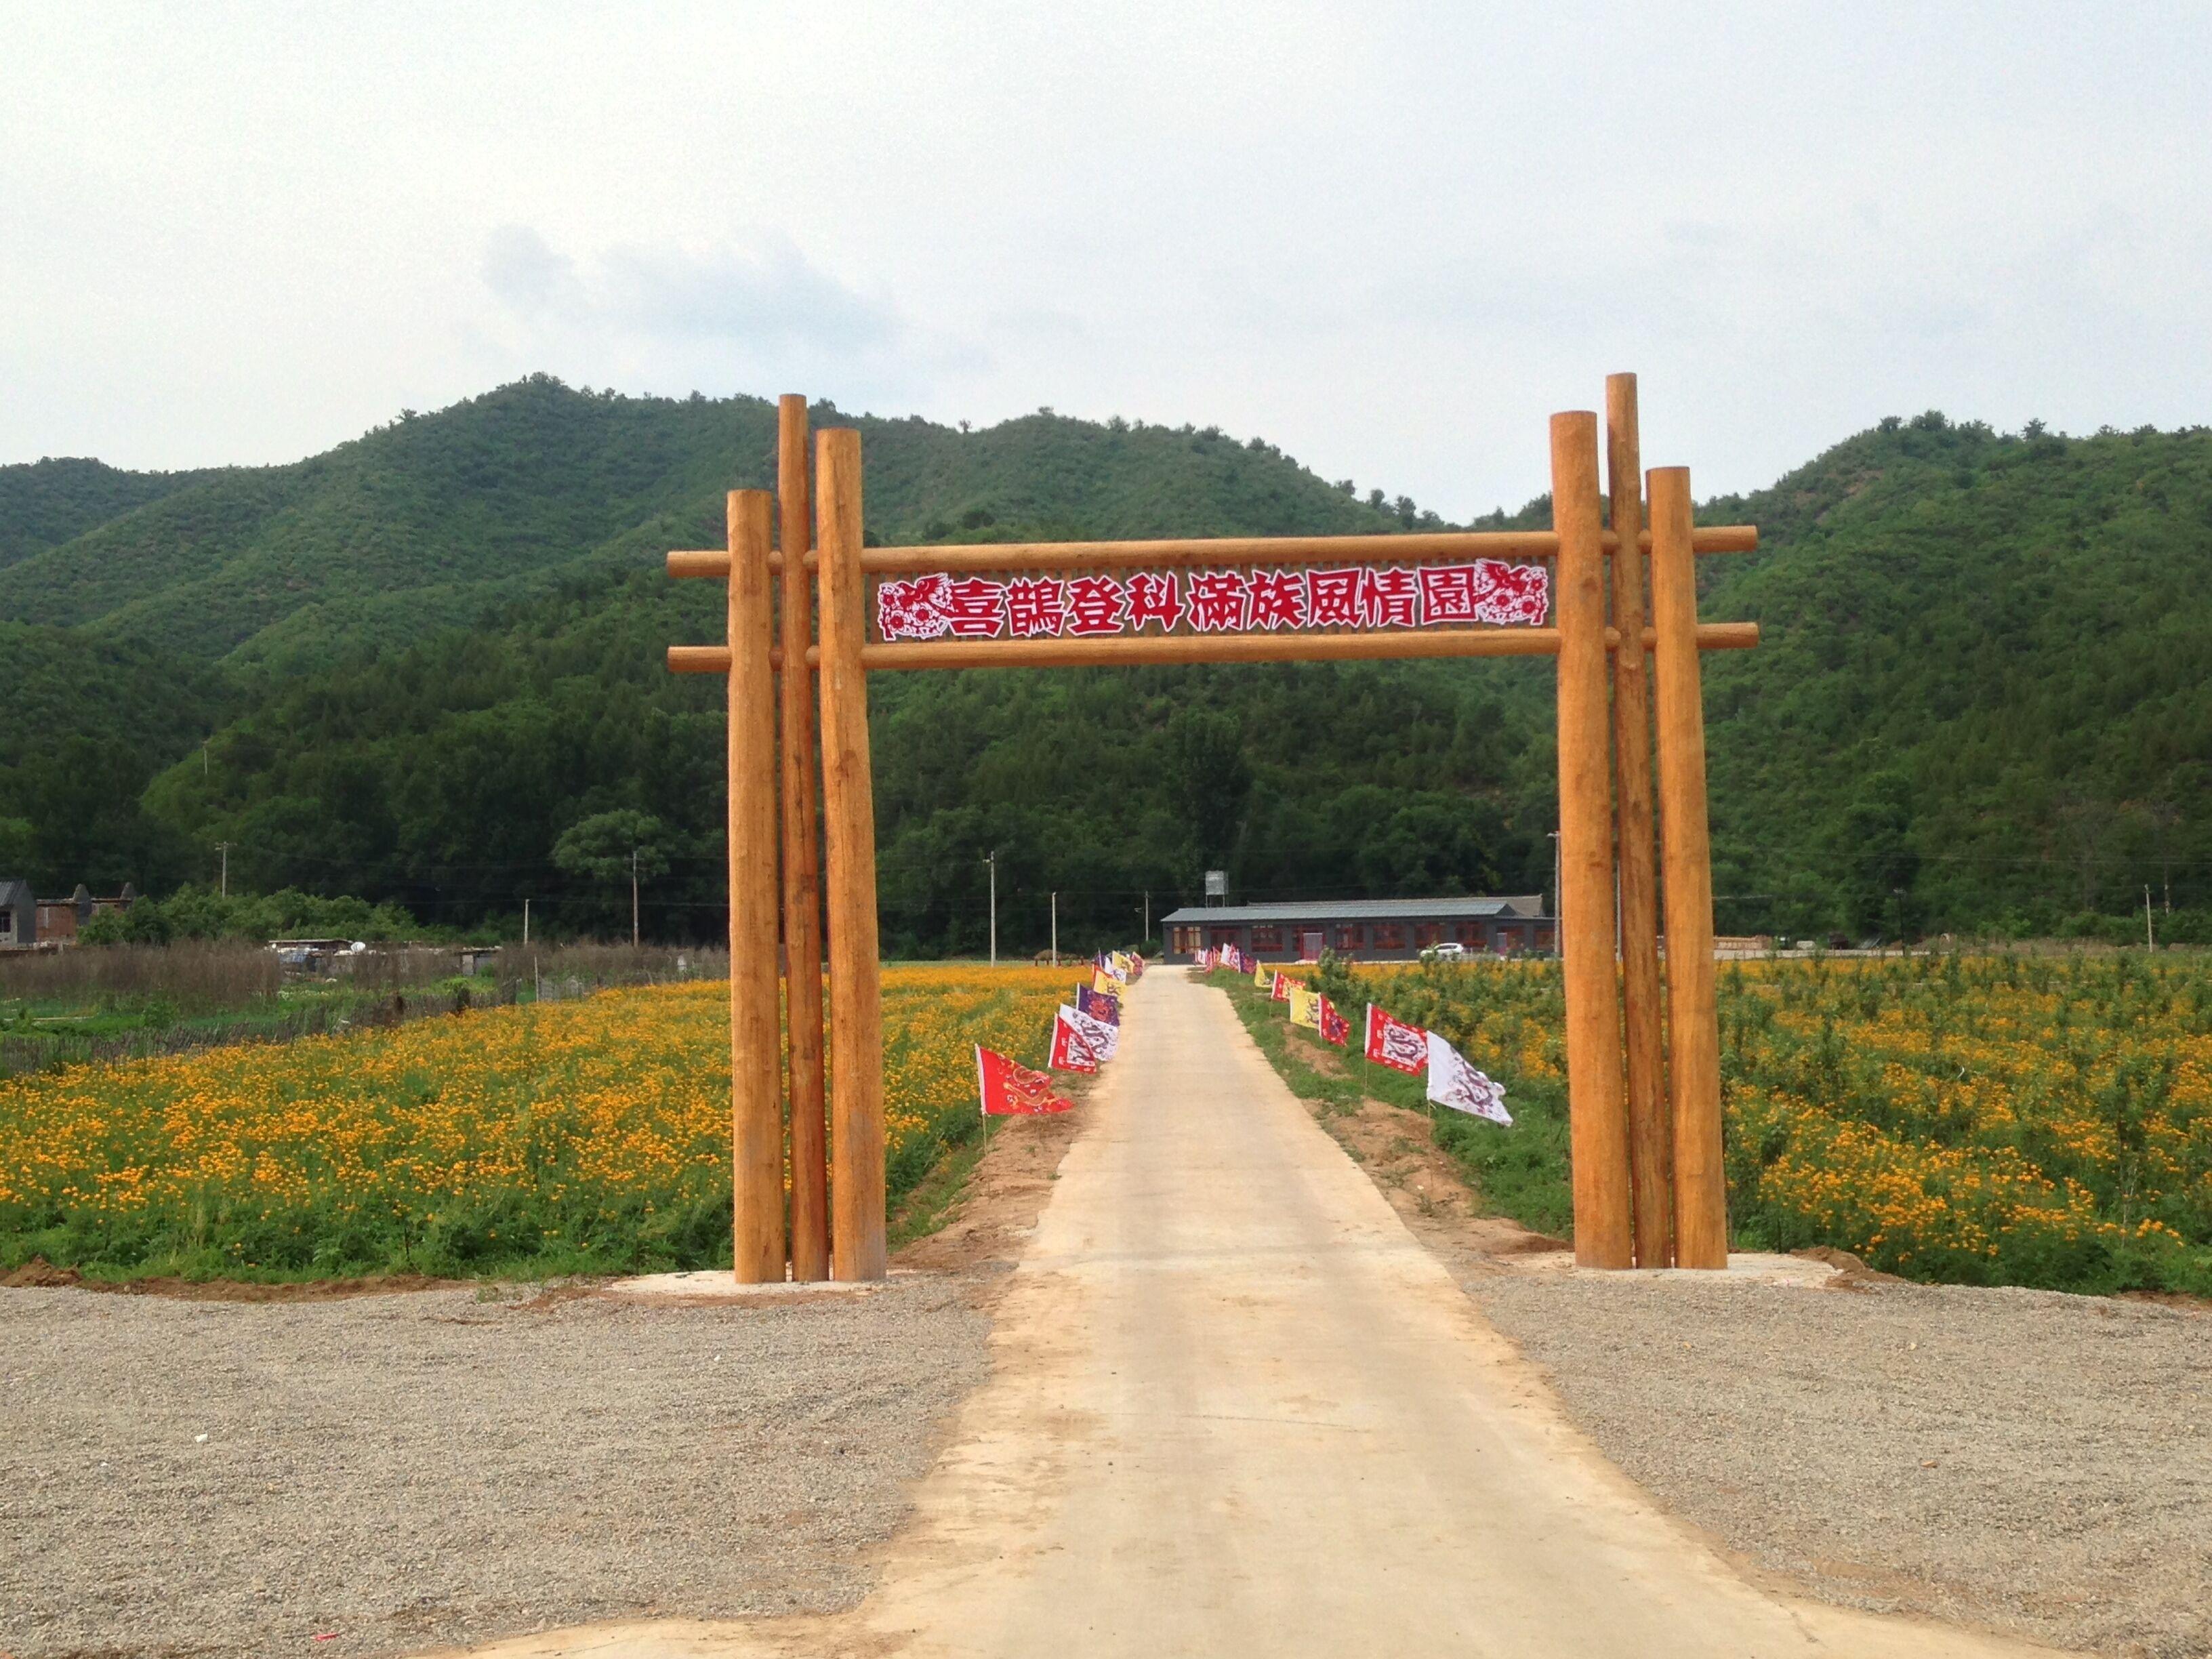 北京喇叭沟门喜鹊登科种植专业合作社